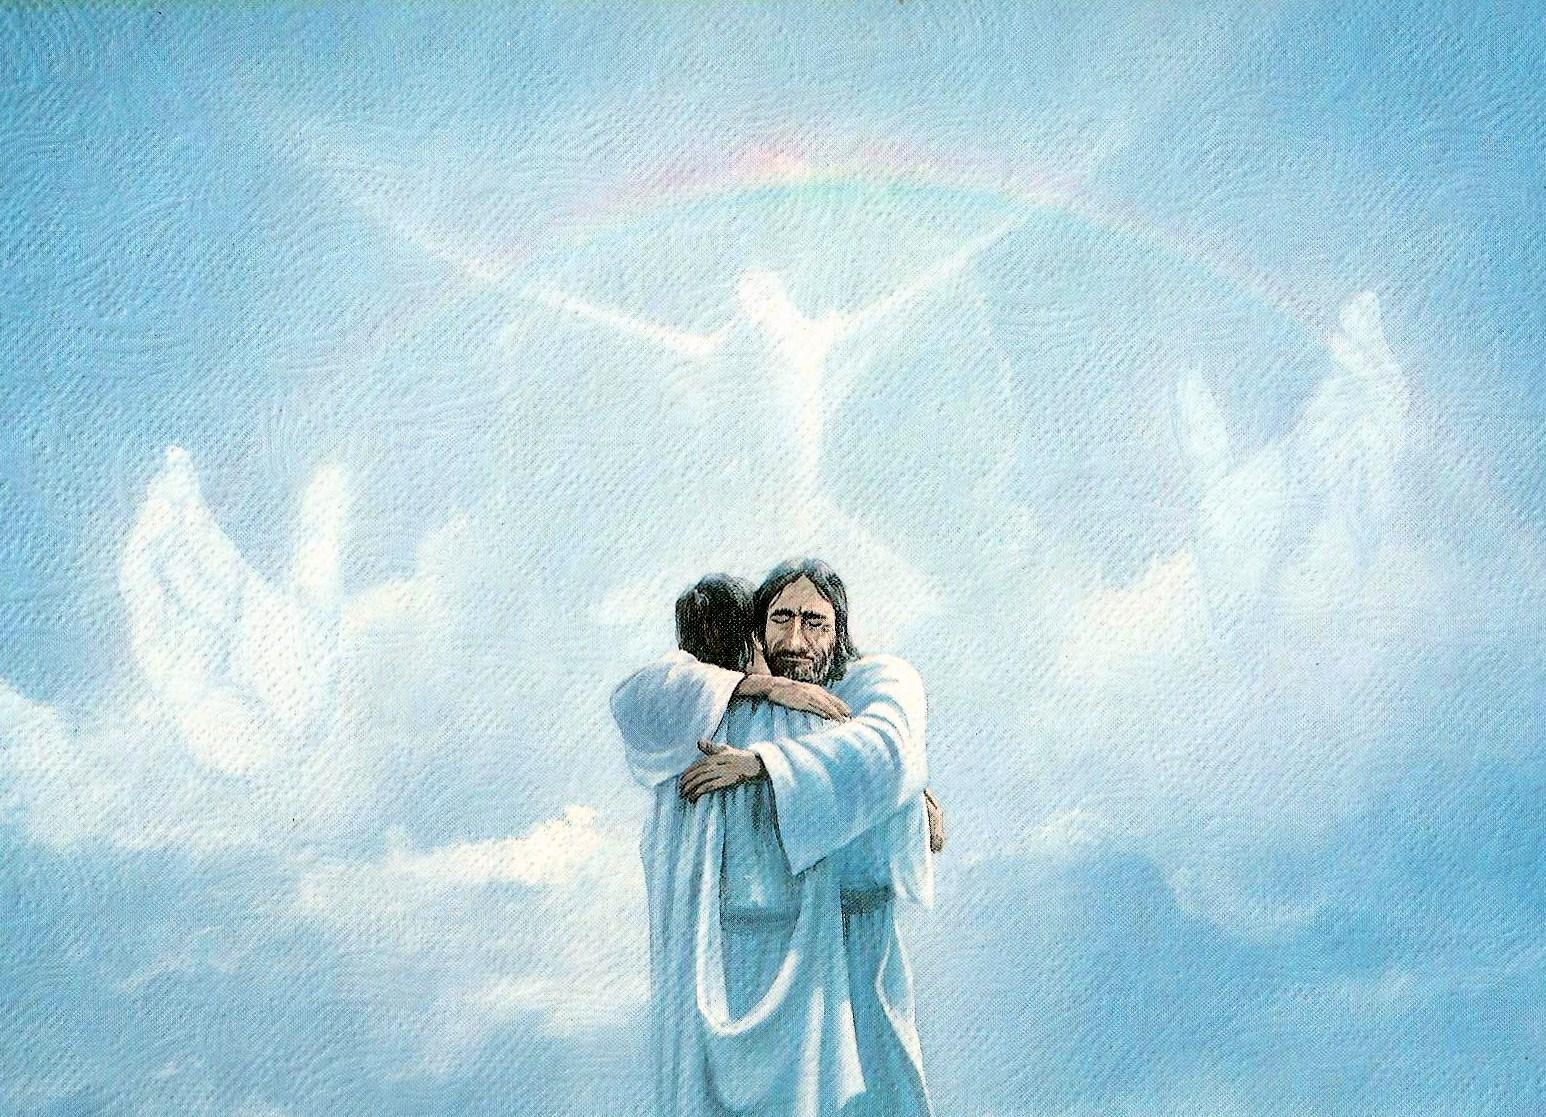 господь ангел картинка упустите